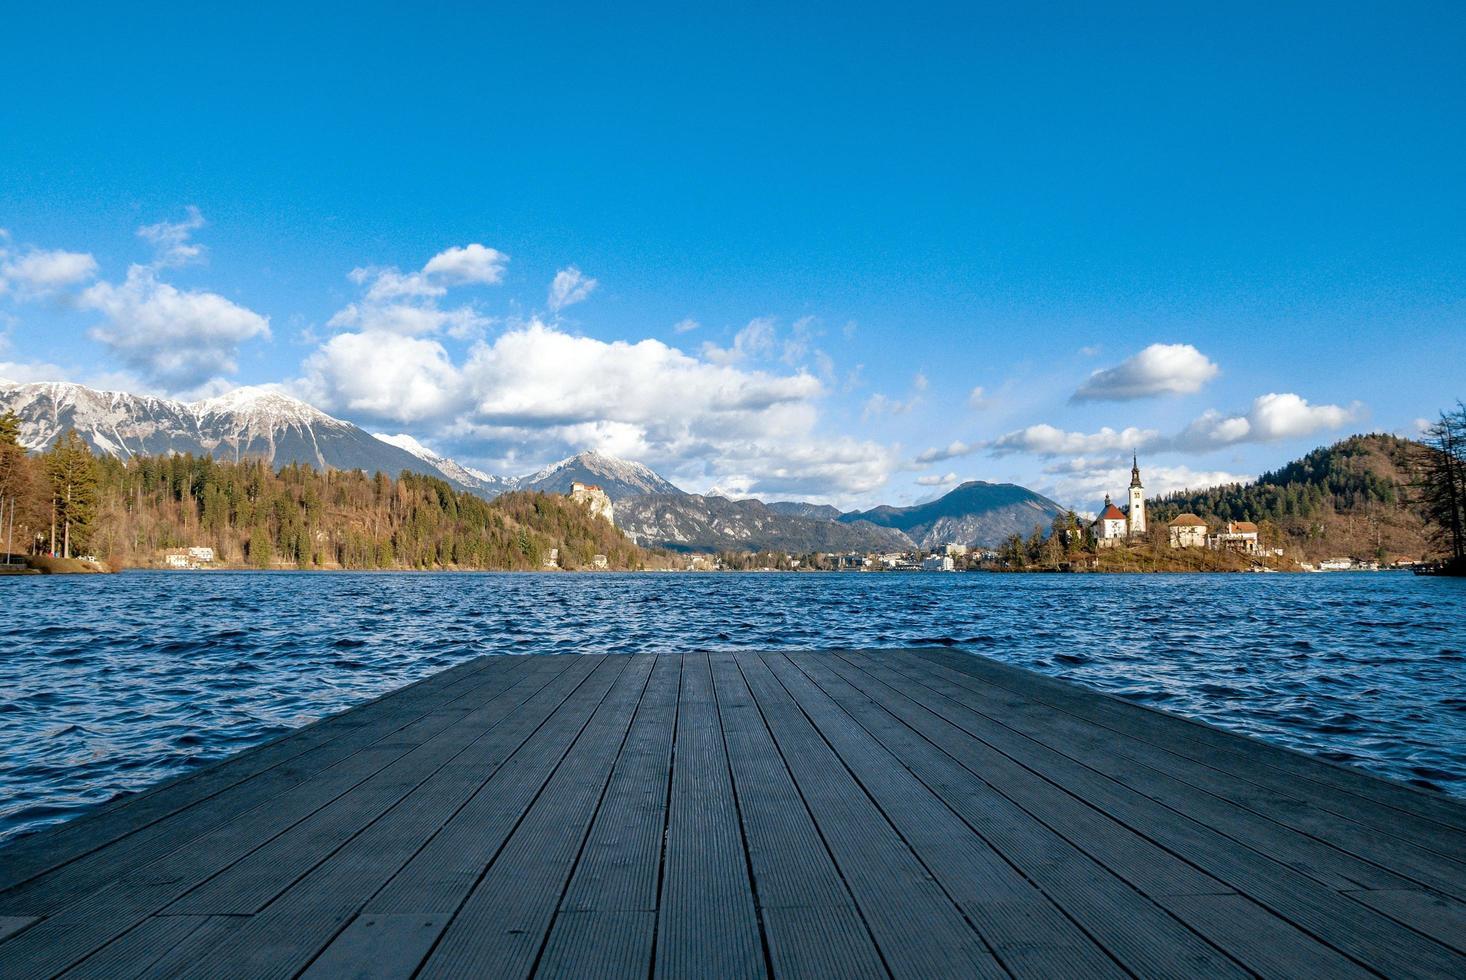 uitzicht op het meer dat vanaf een dek is afgetapt foto